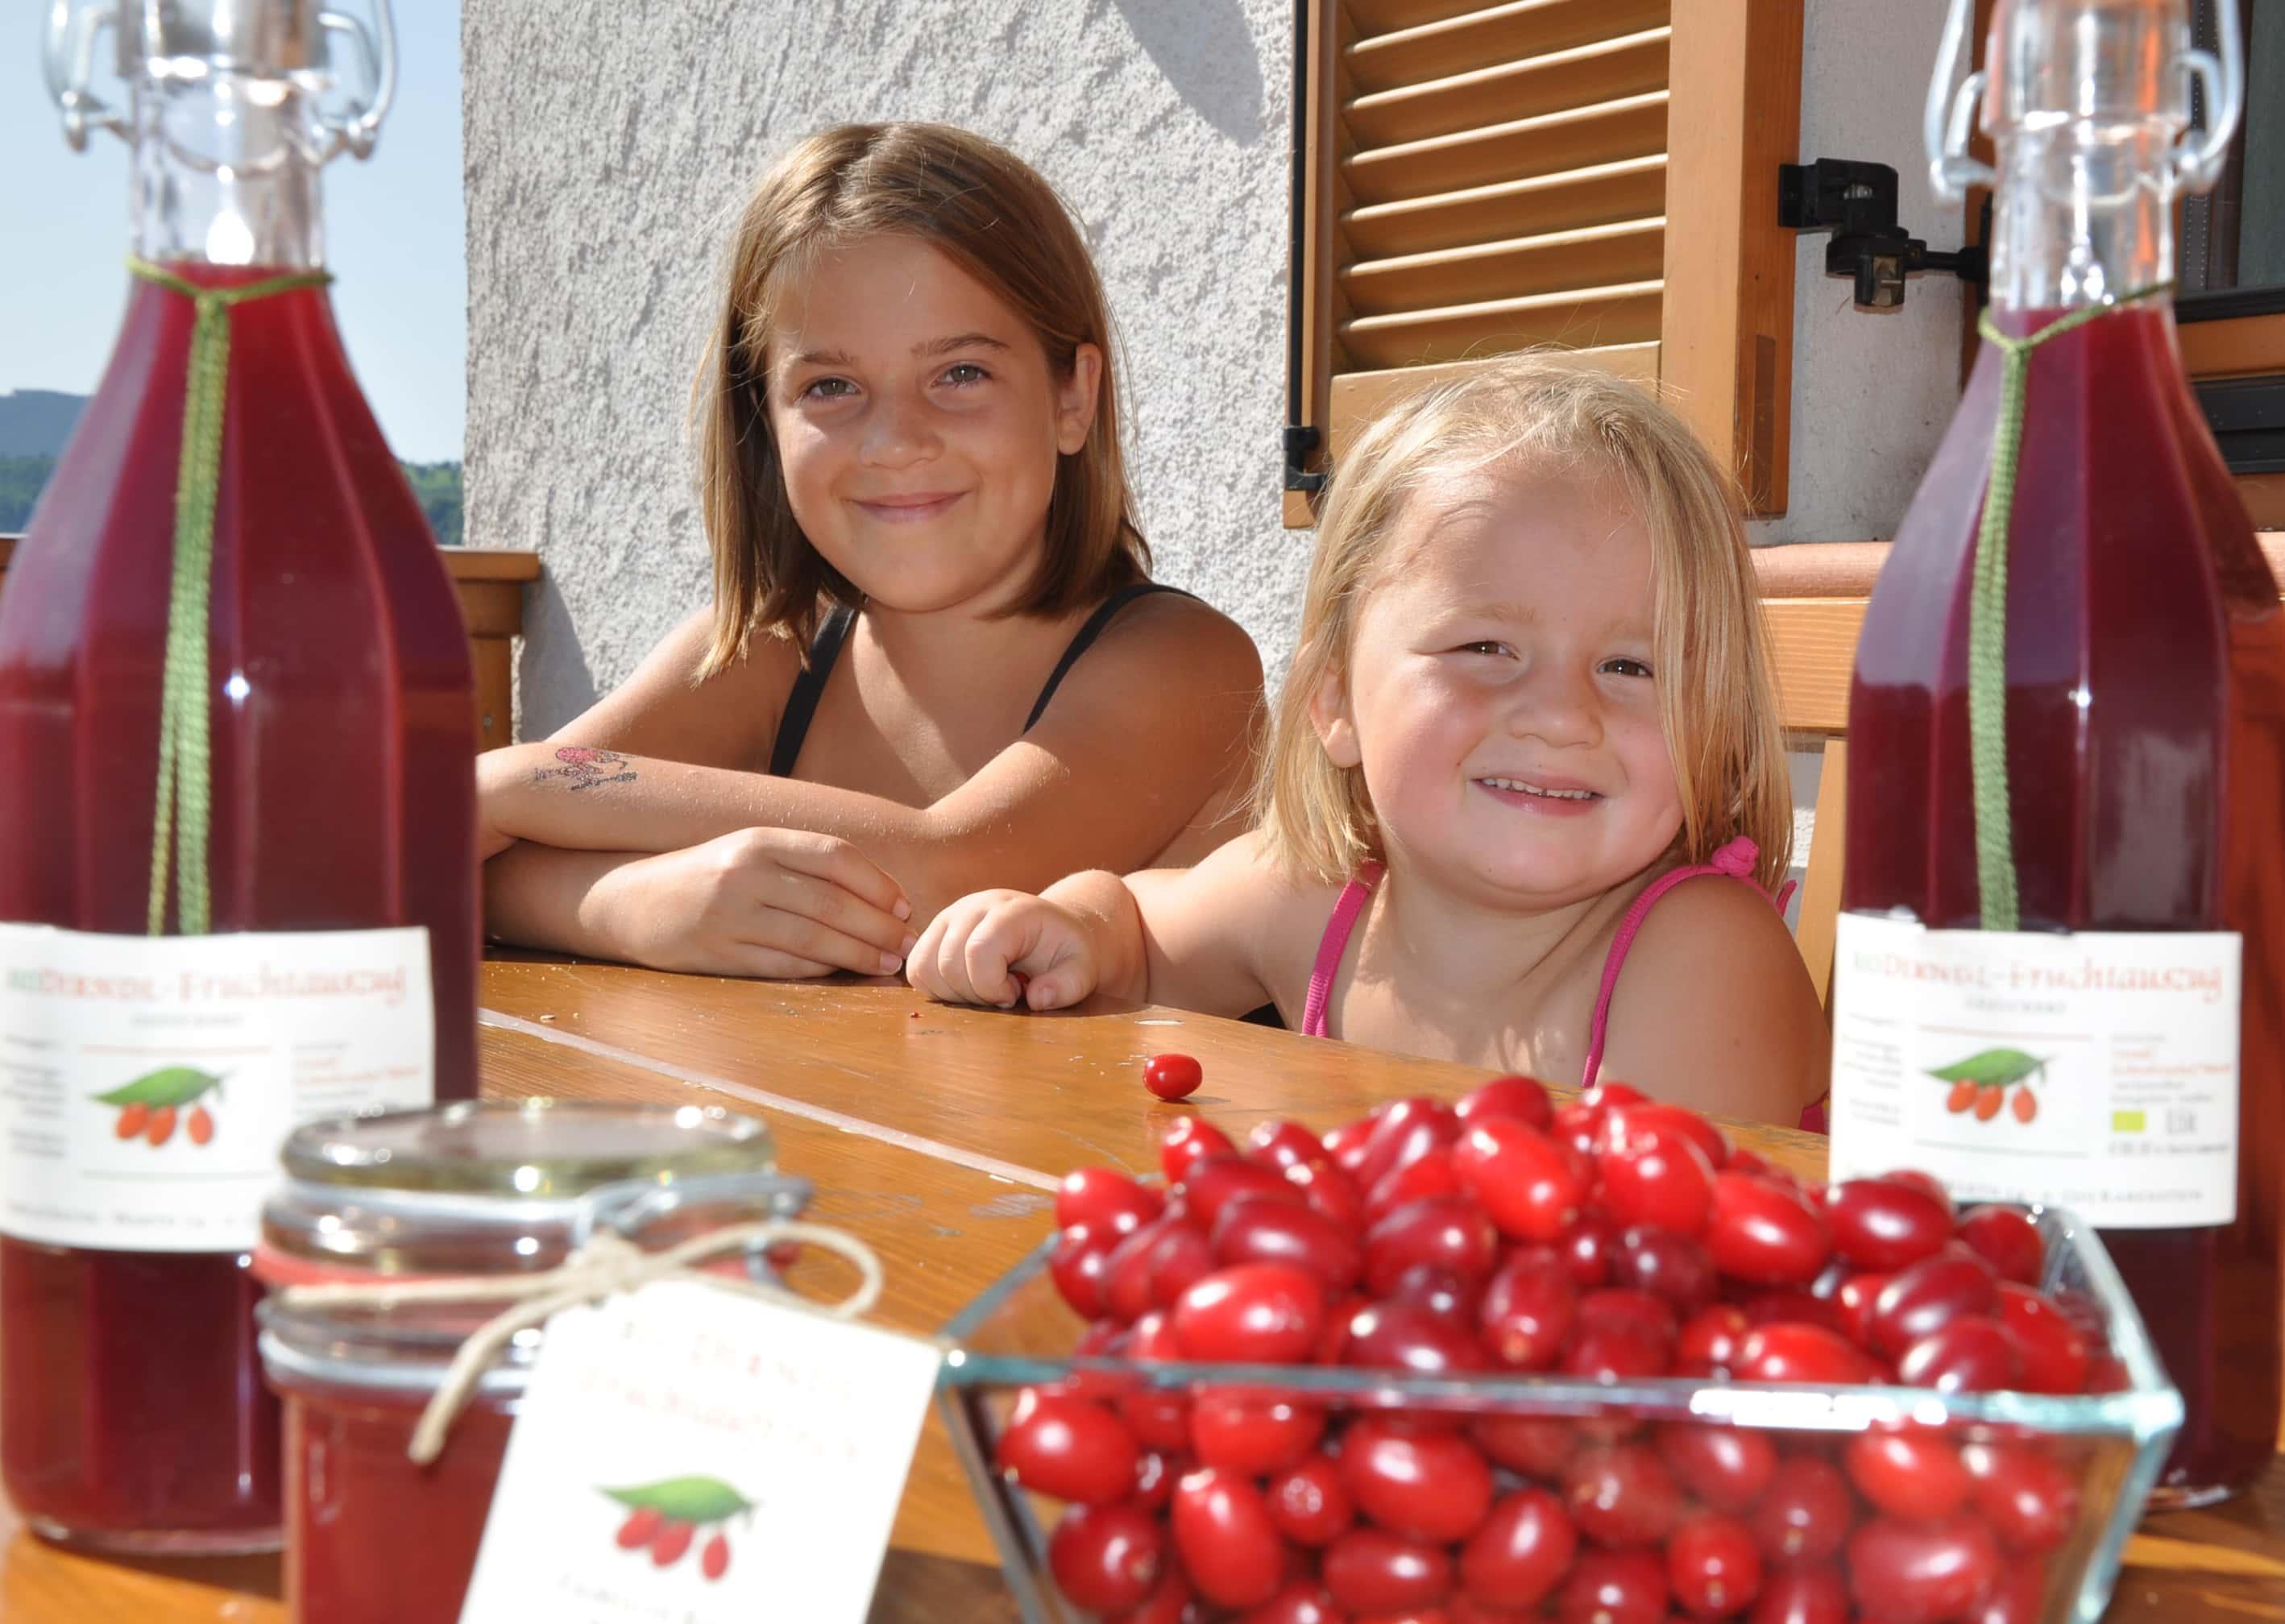 Kinder sitzen am Tisch mit einer Schale Kornellkirschen und Kornellkirschensaftflaschen